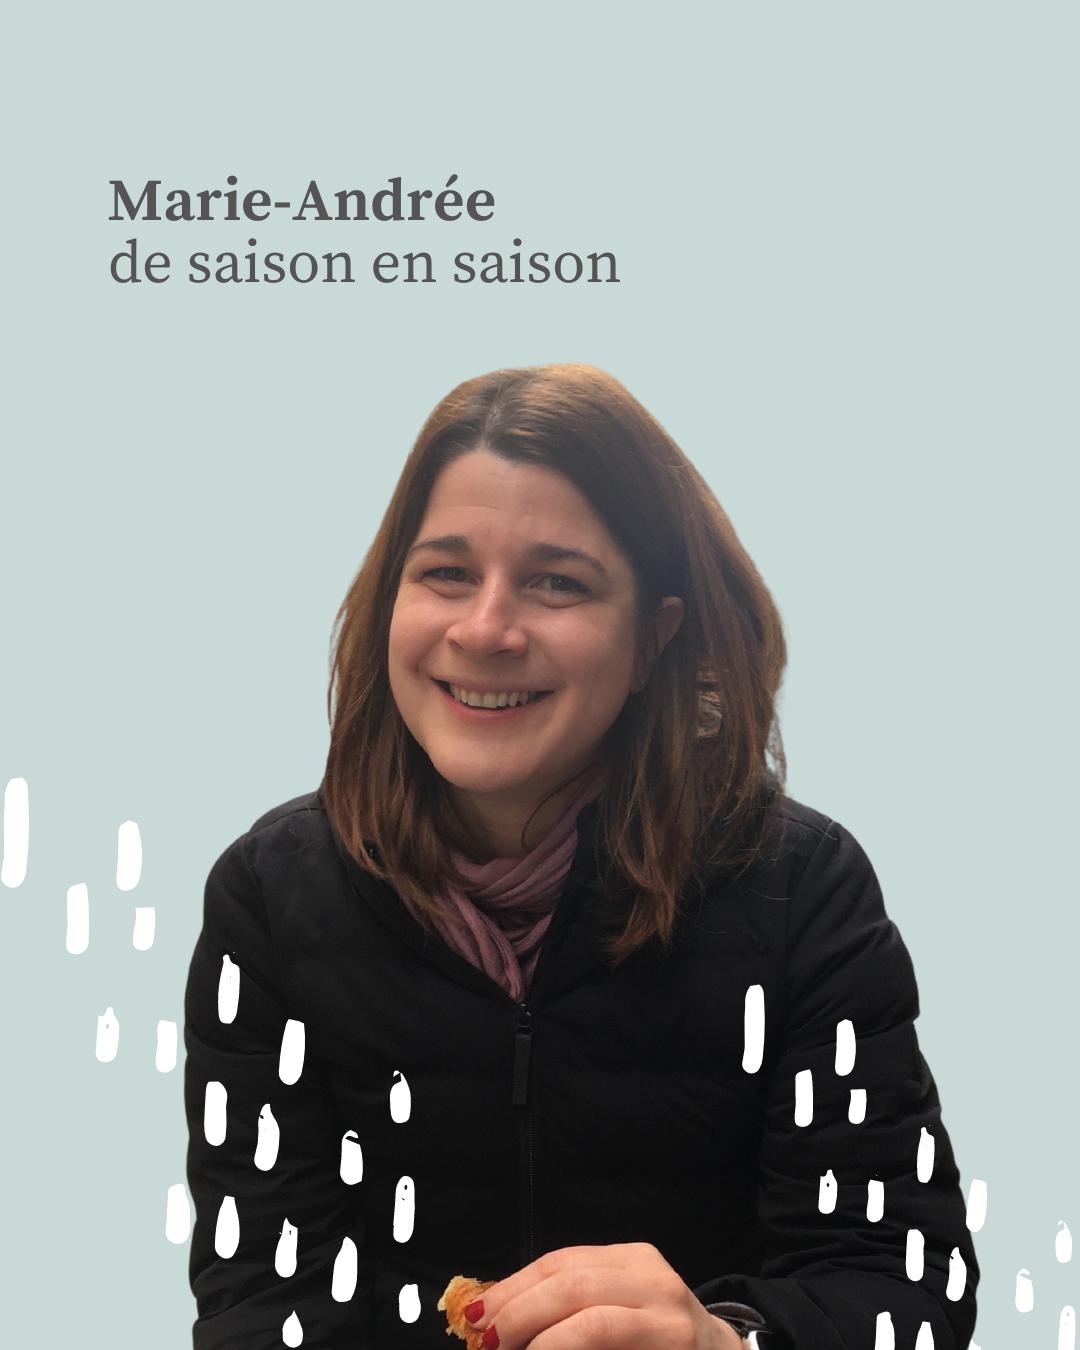 Marie-Andrée Roy portrait de saison